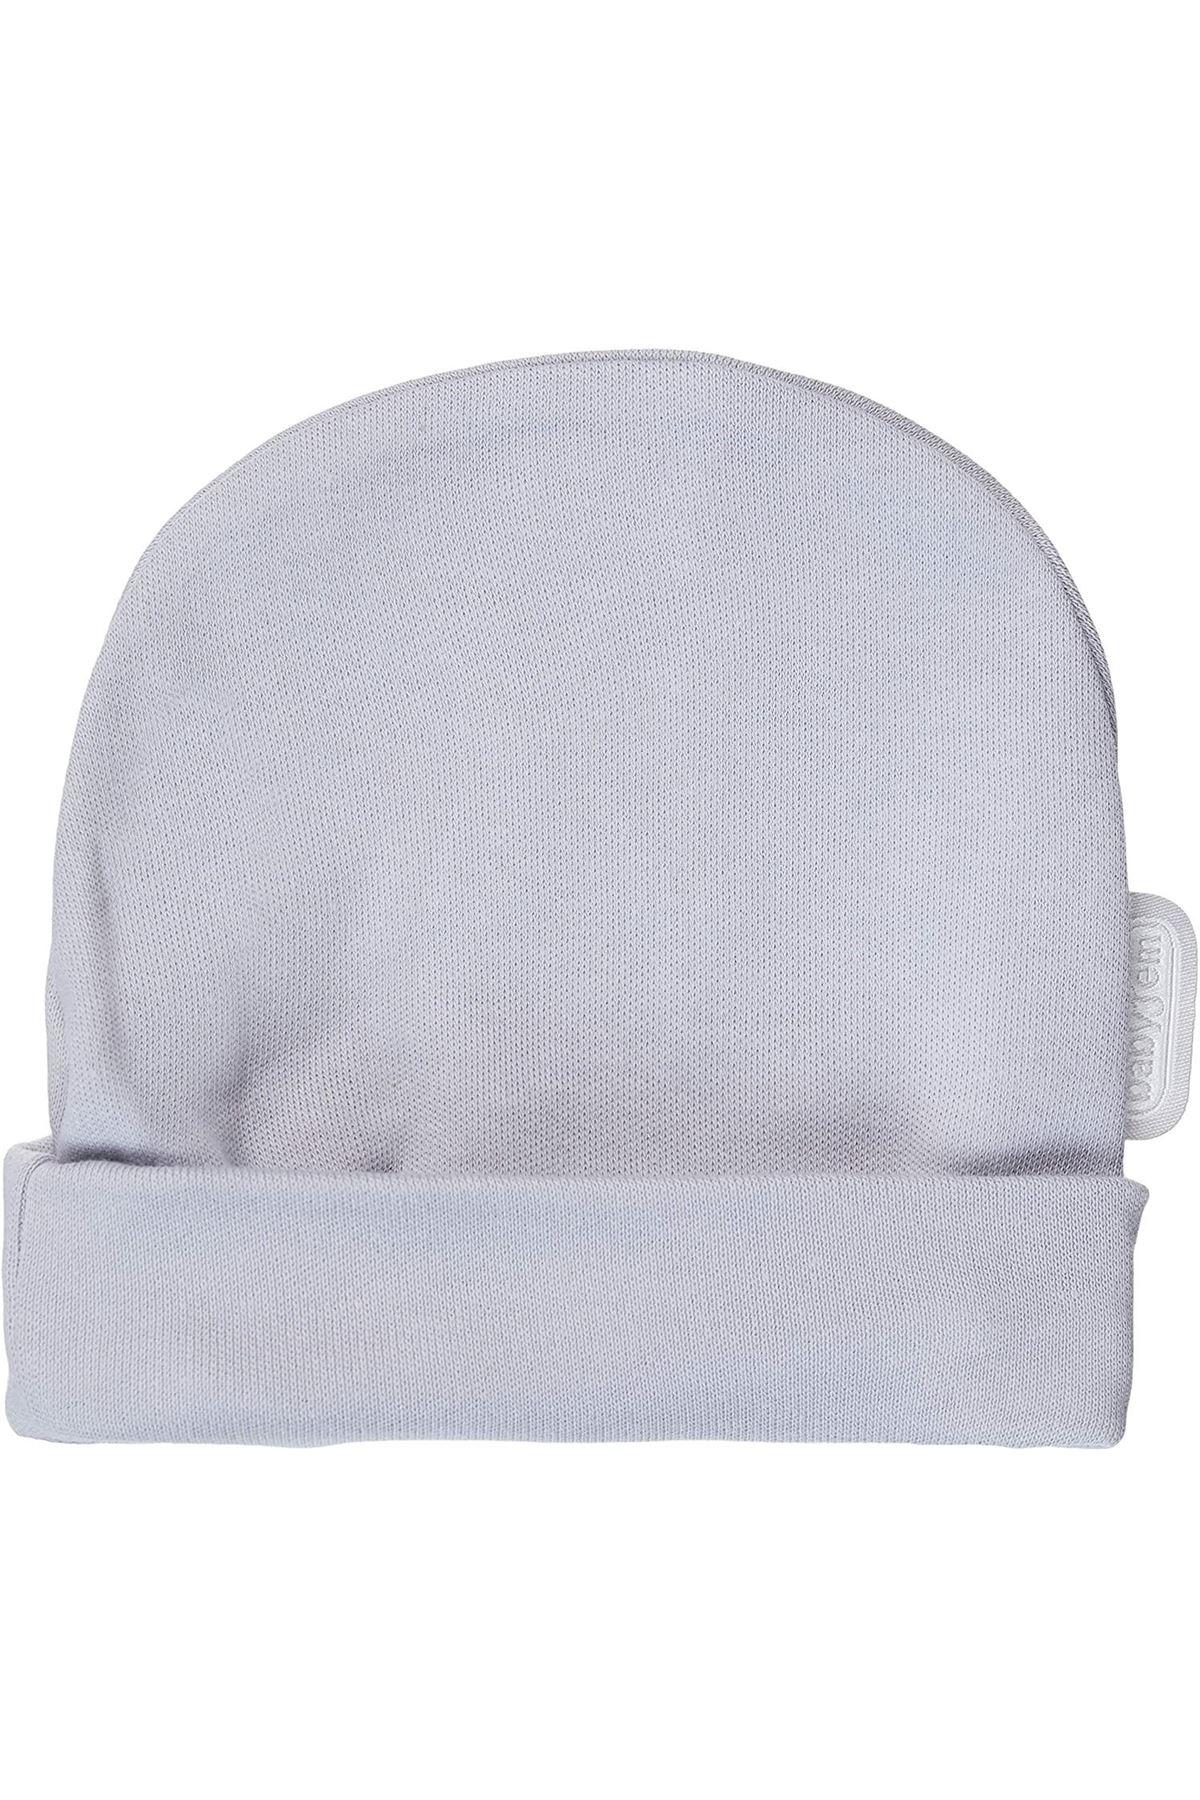 BabyJem Yenidoğan Bebe Şapka 397 Gri